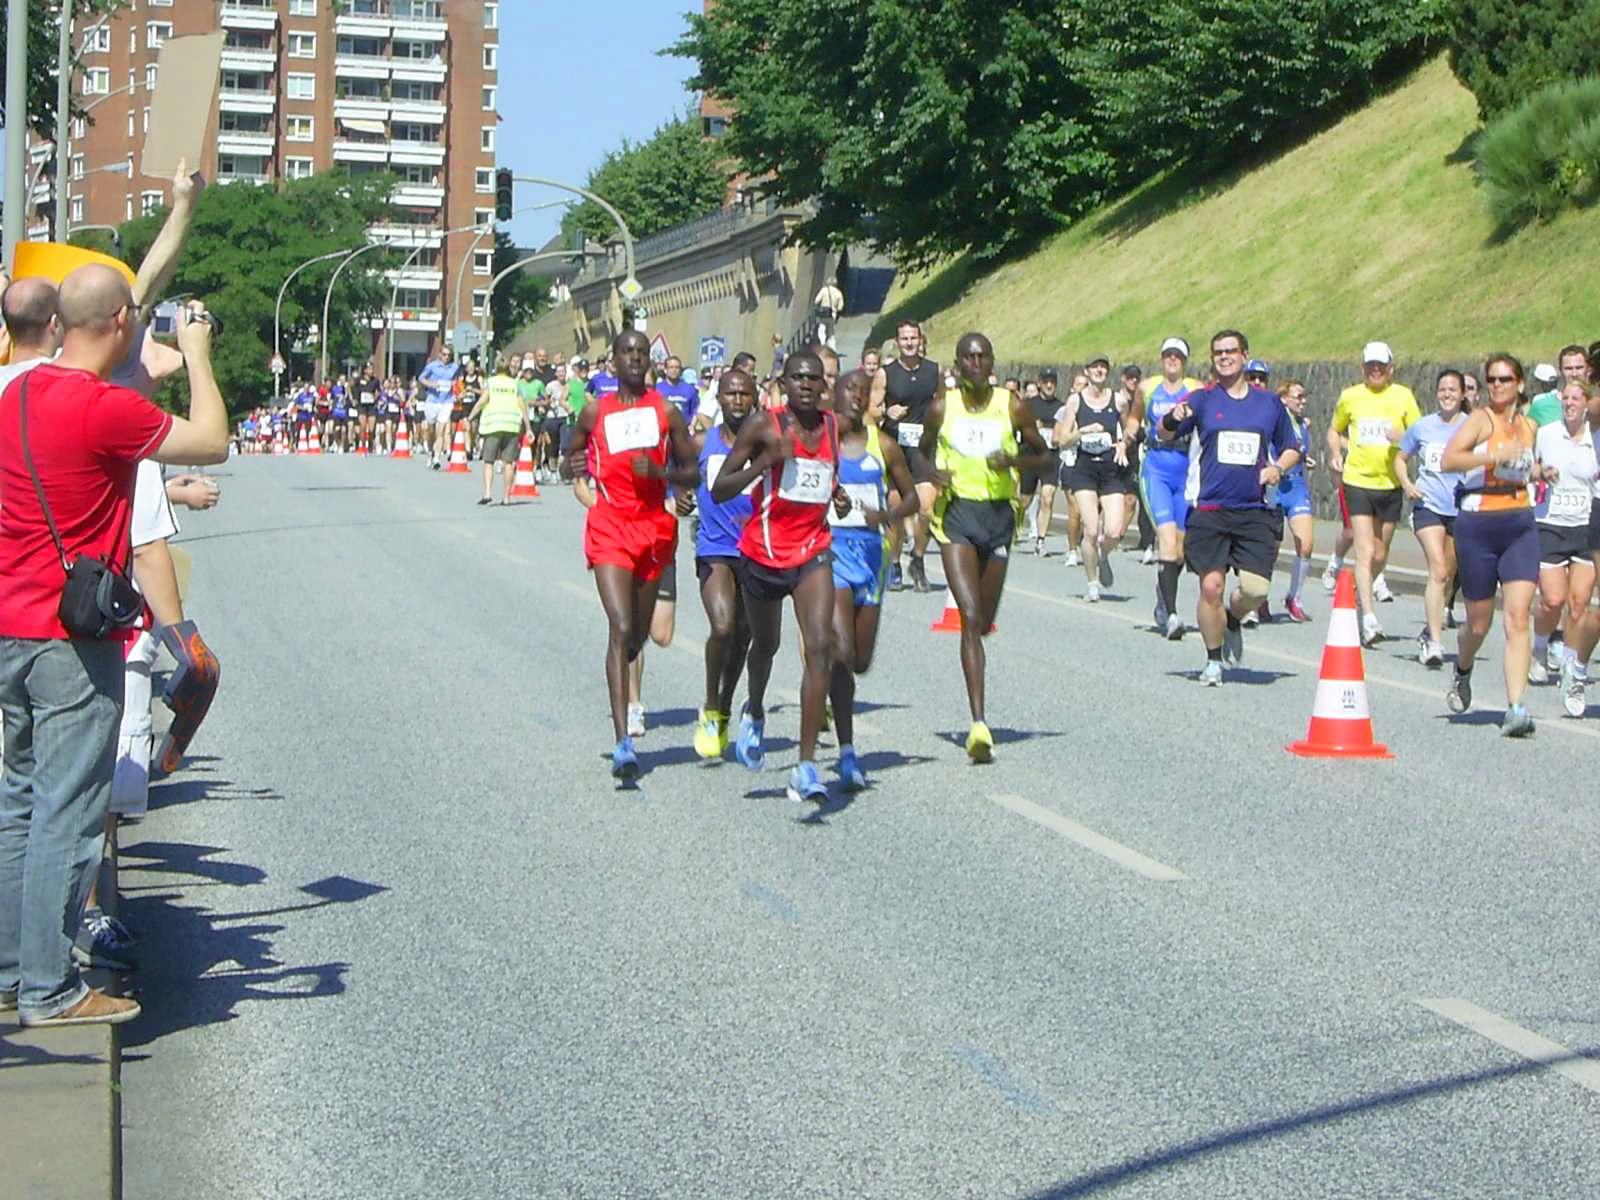 16. hella Halbmarathon 2010: Da staunen die Läufer auf der 1. Runde (rechts), als sie überrundet werden...